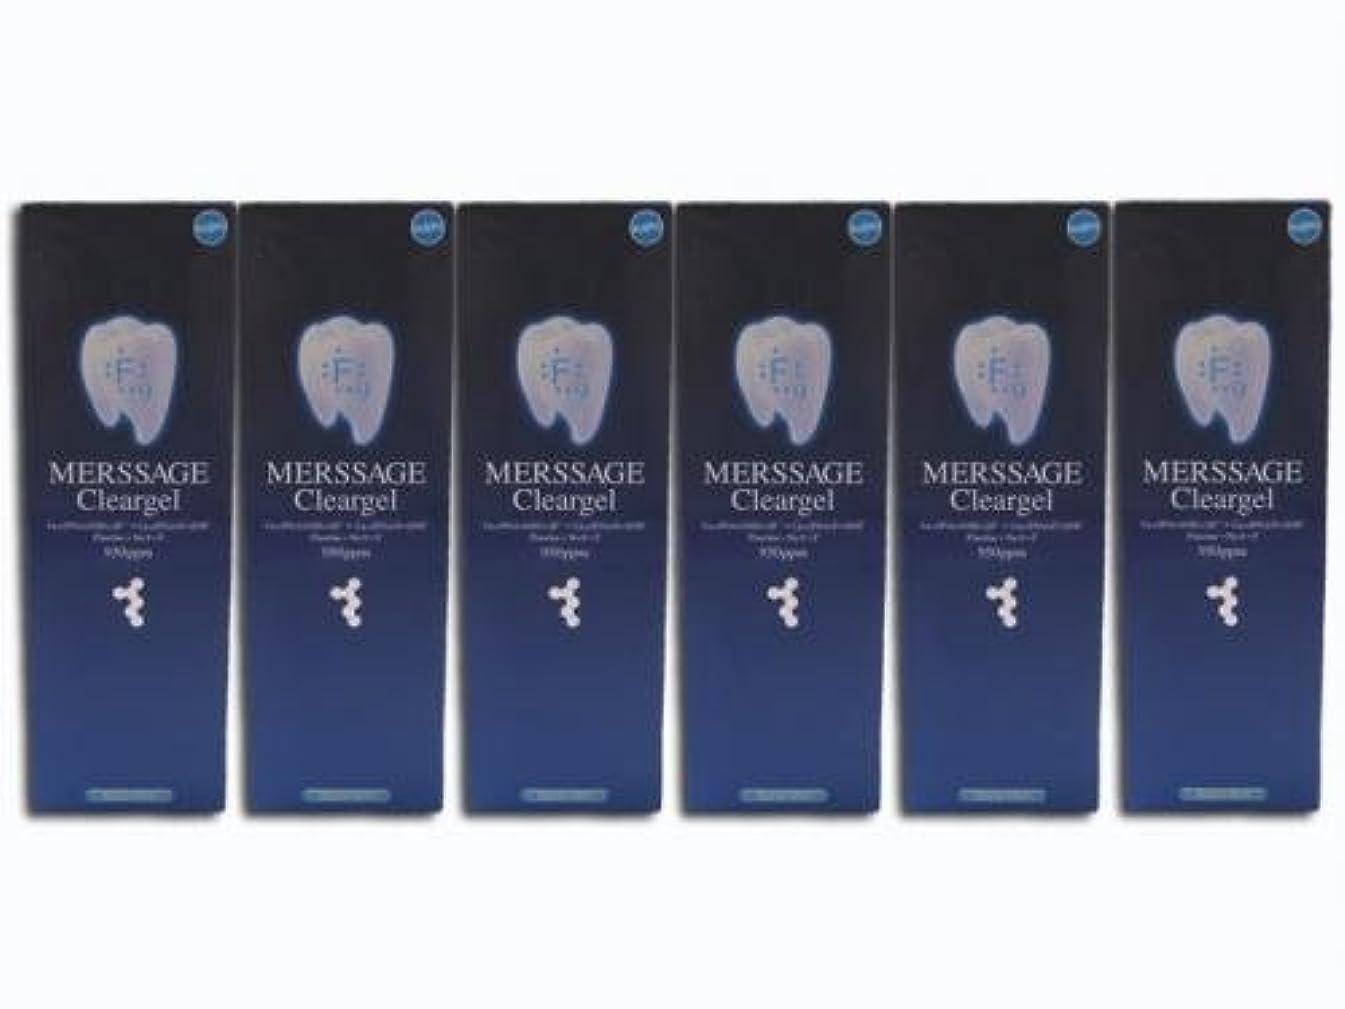 例示する均等に恩恵就寝前のスペシャルケア メルサージュ クリアジェル(MERSSAGE Cleargel) 60g 6箱セット